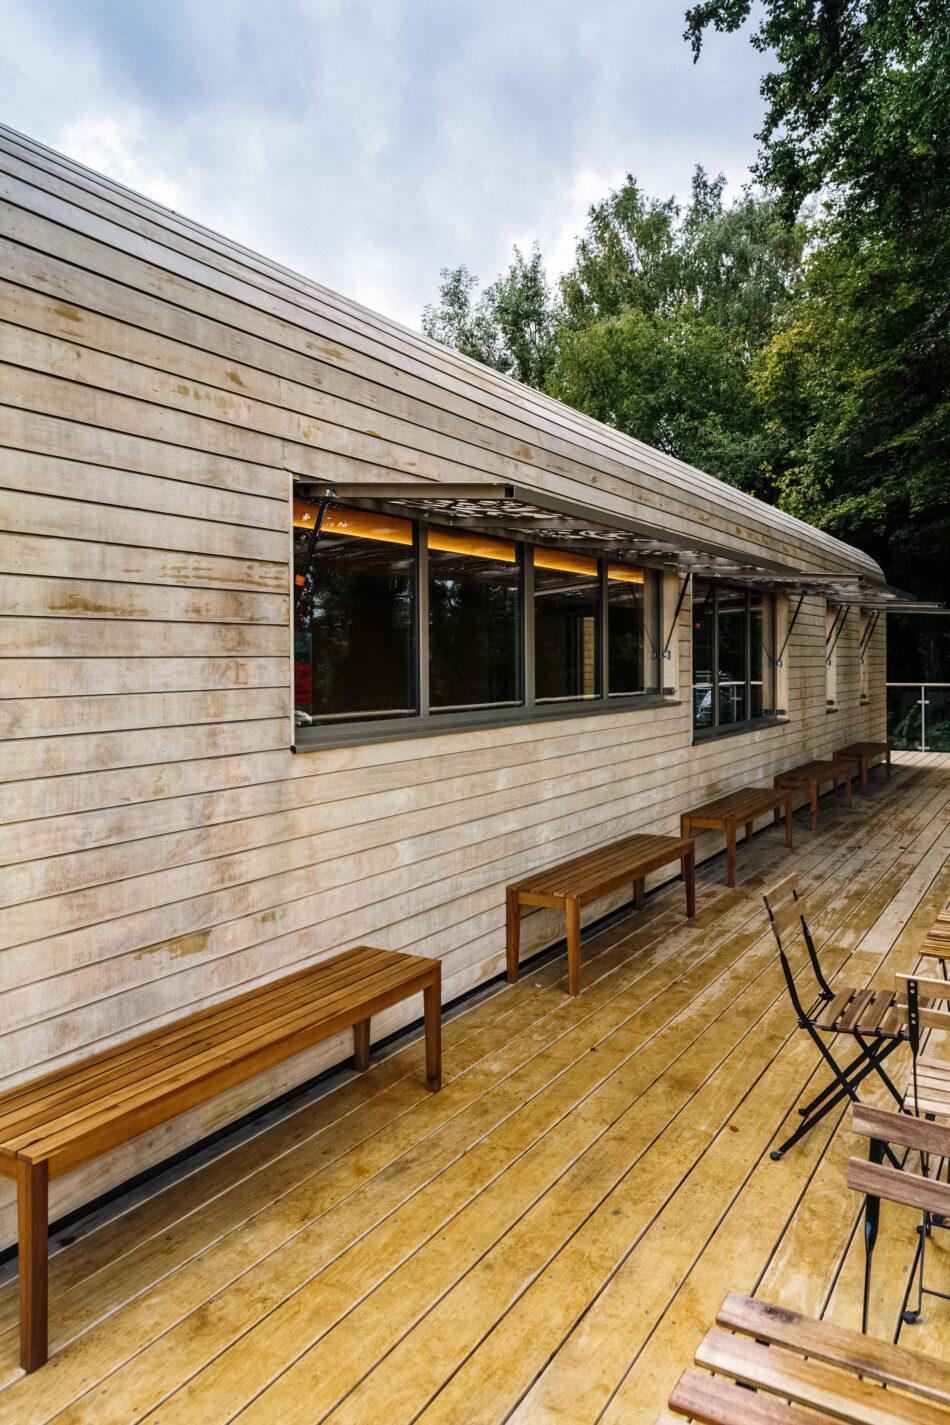 The Handlebar Café